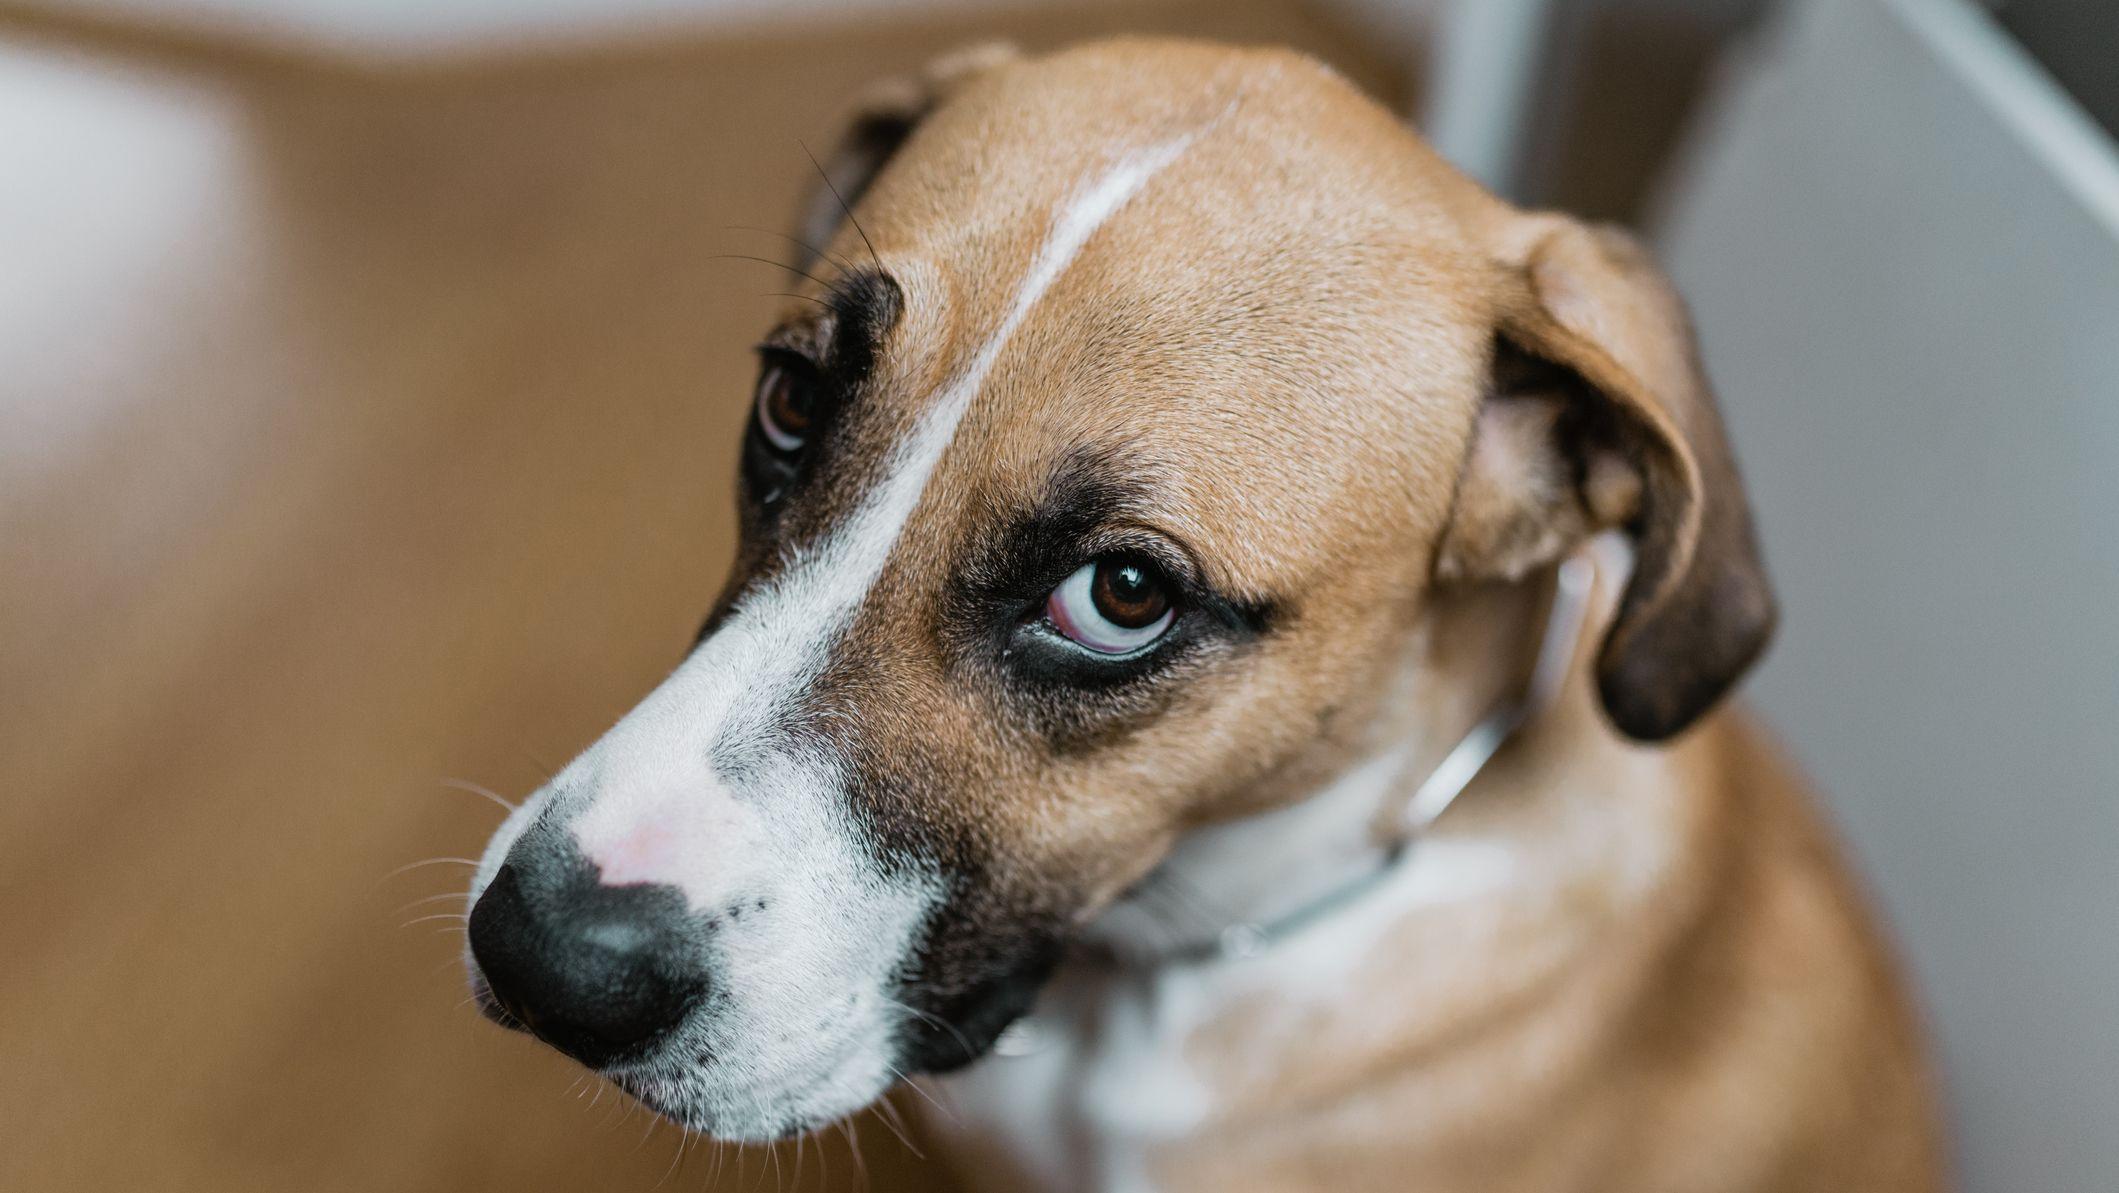 Ohio Bill Aims to Make Animal Cruelty a Felony